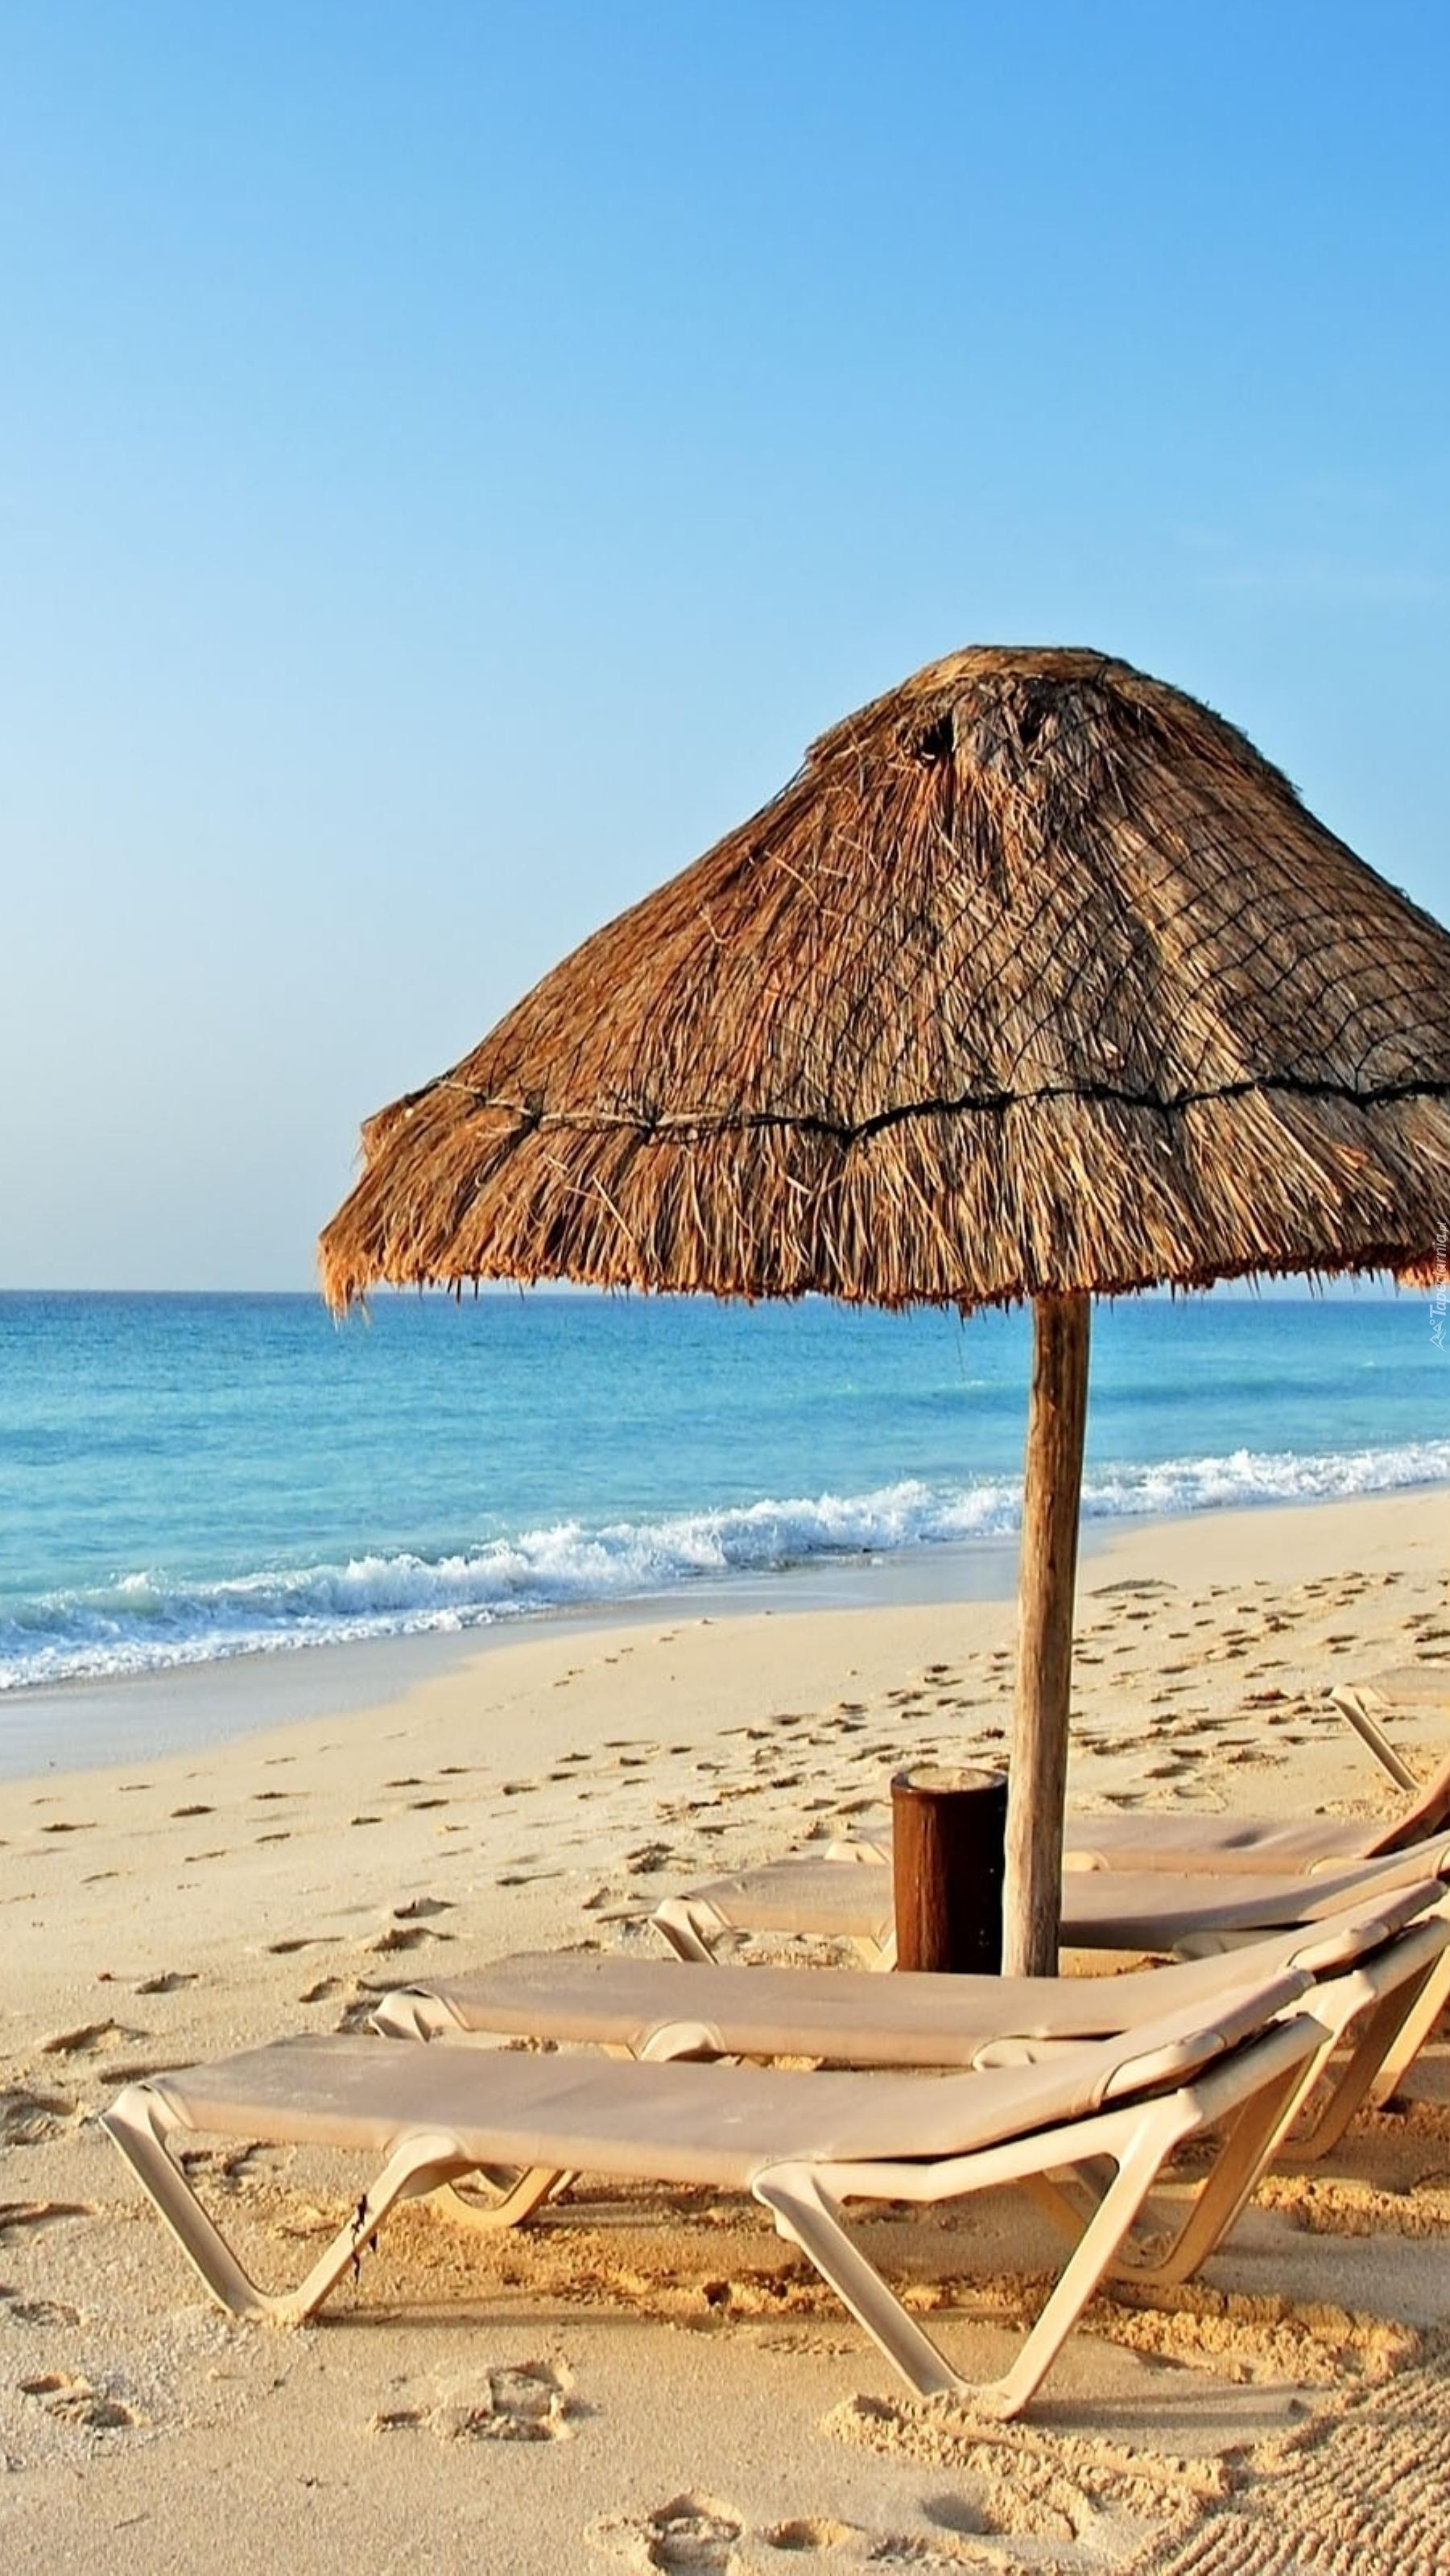 Leżaki pod parasolem nad morzem